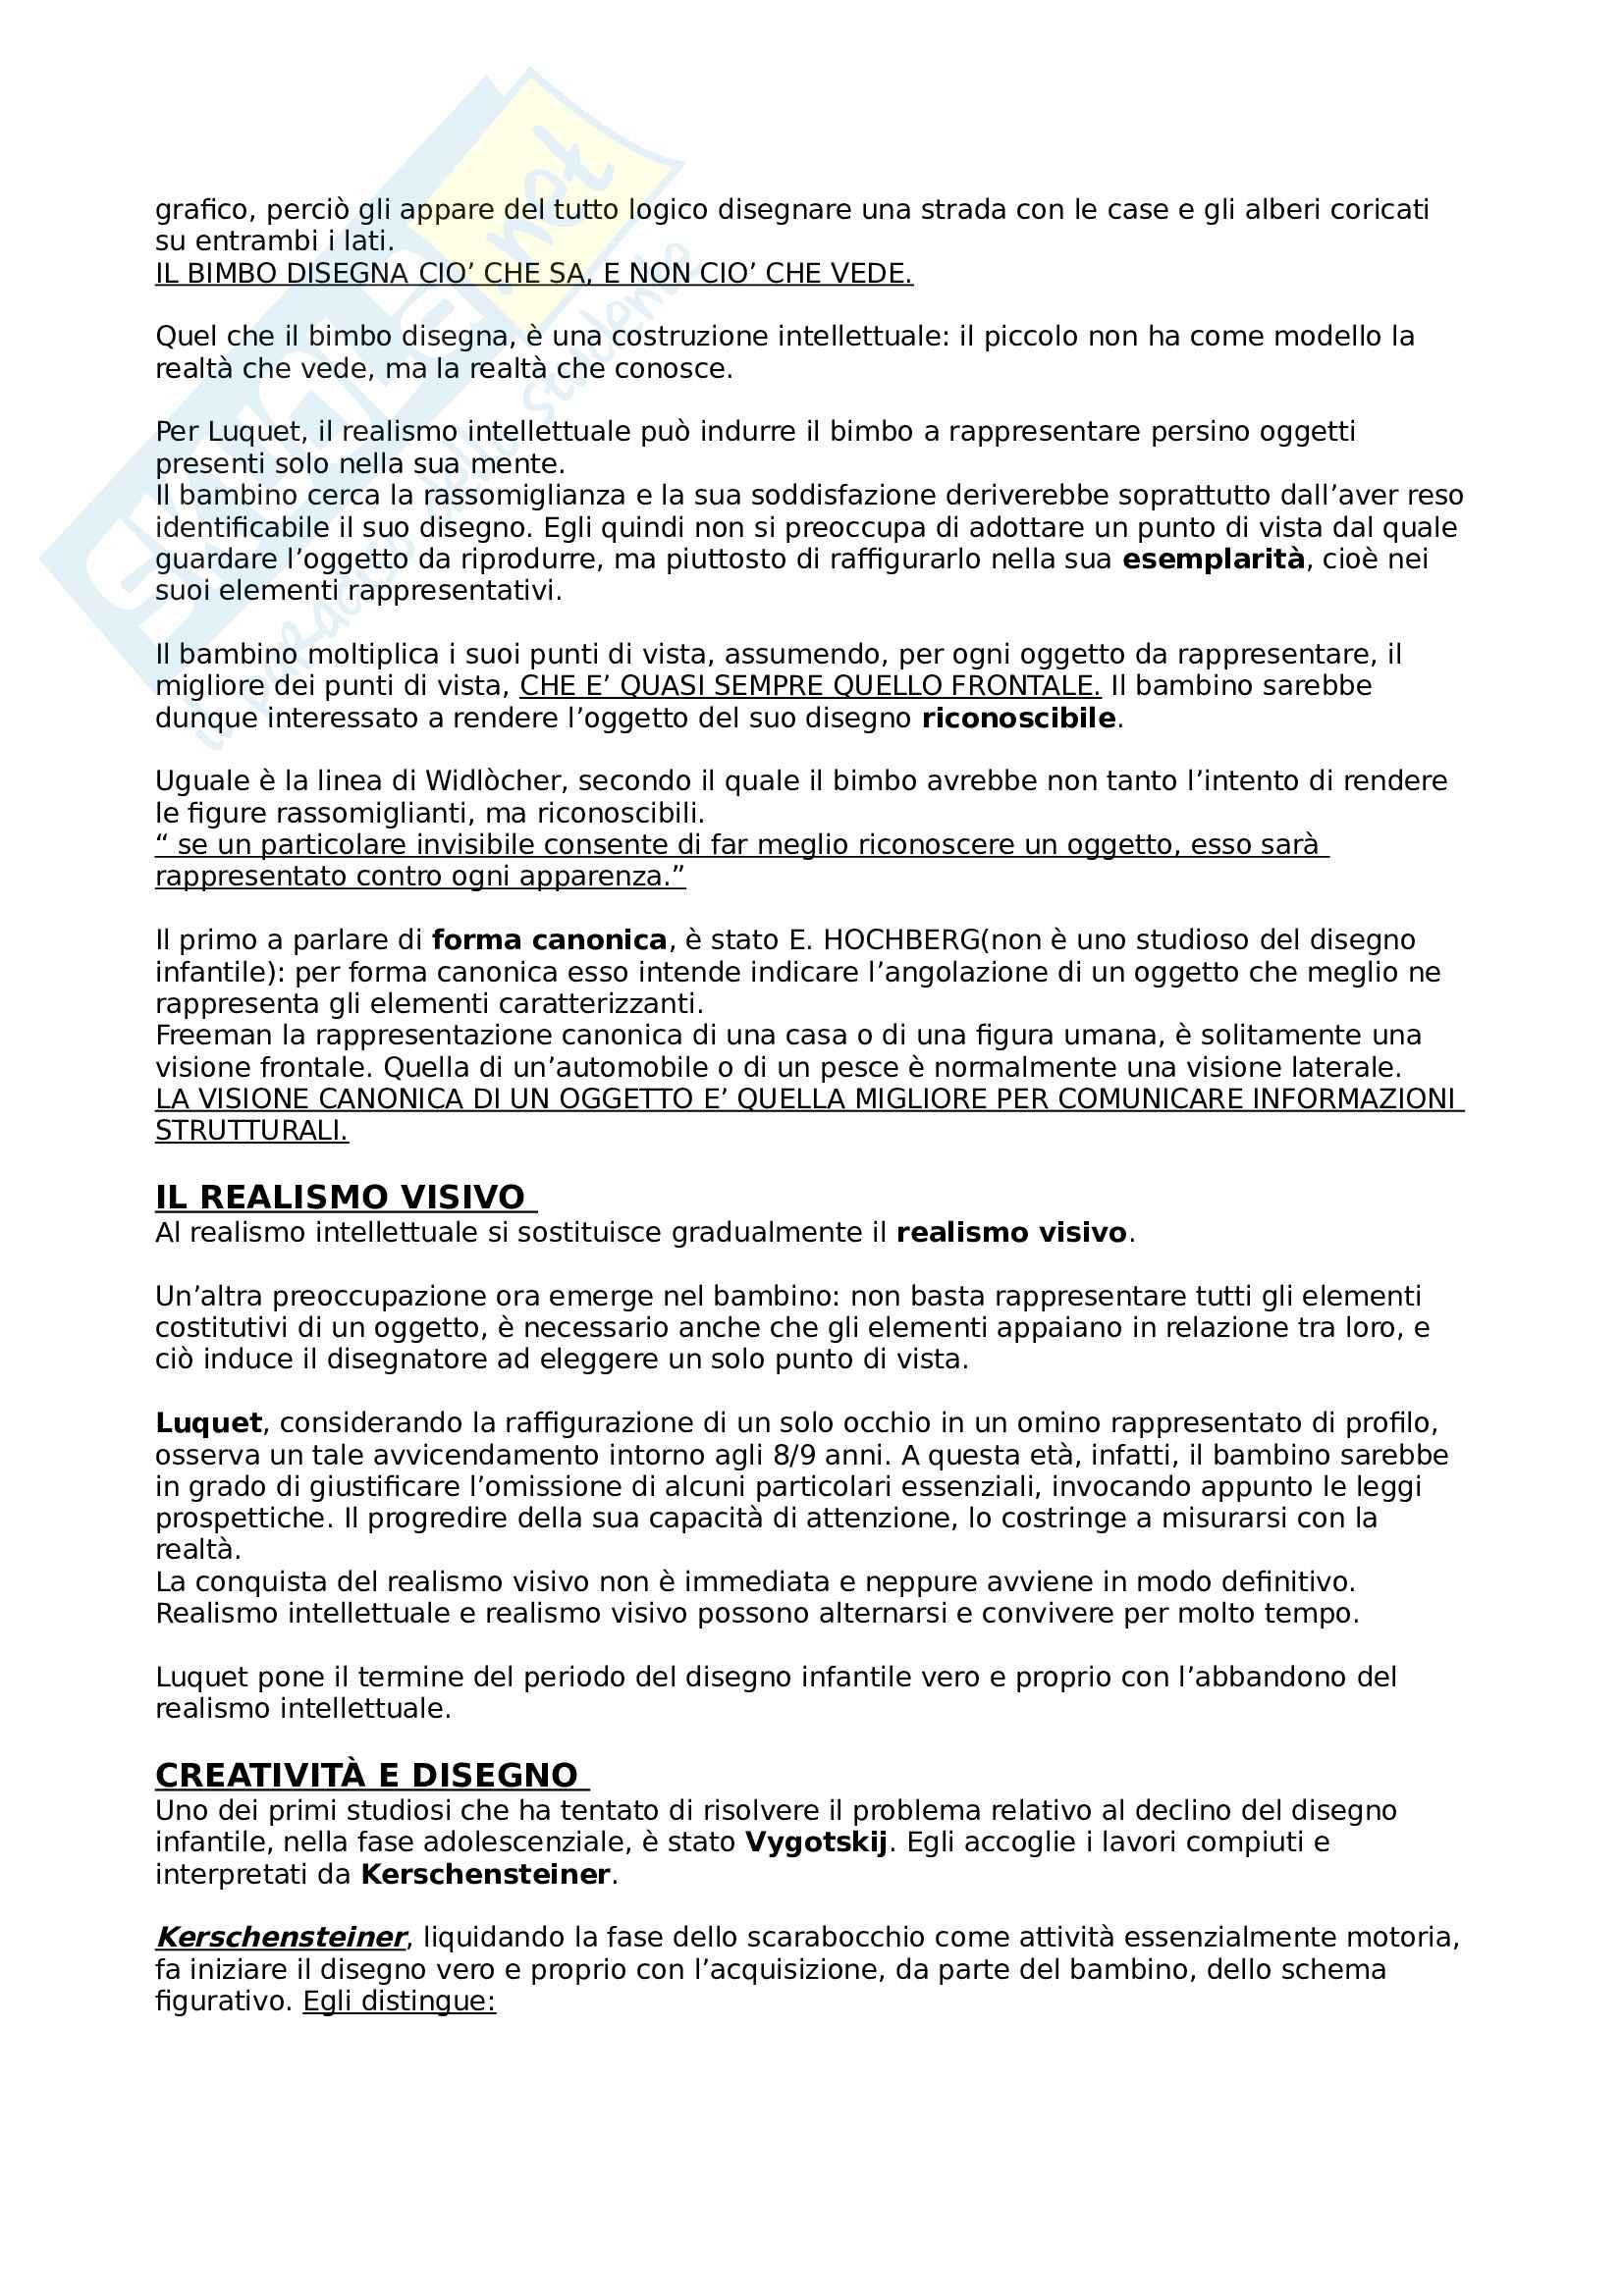 Riassunto esame Psicologia del disegno infantile, docente Negro, libro consigliato Manuale del disegno infantile, vecchie e nuove prospettive, Longobardi, Pasta Pag. 11